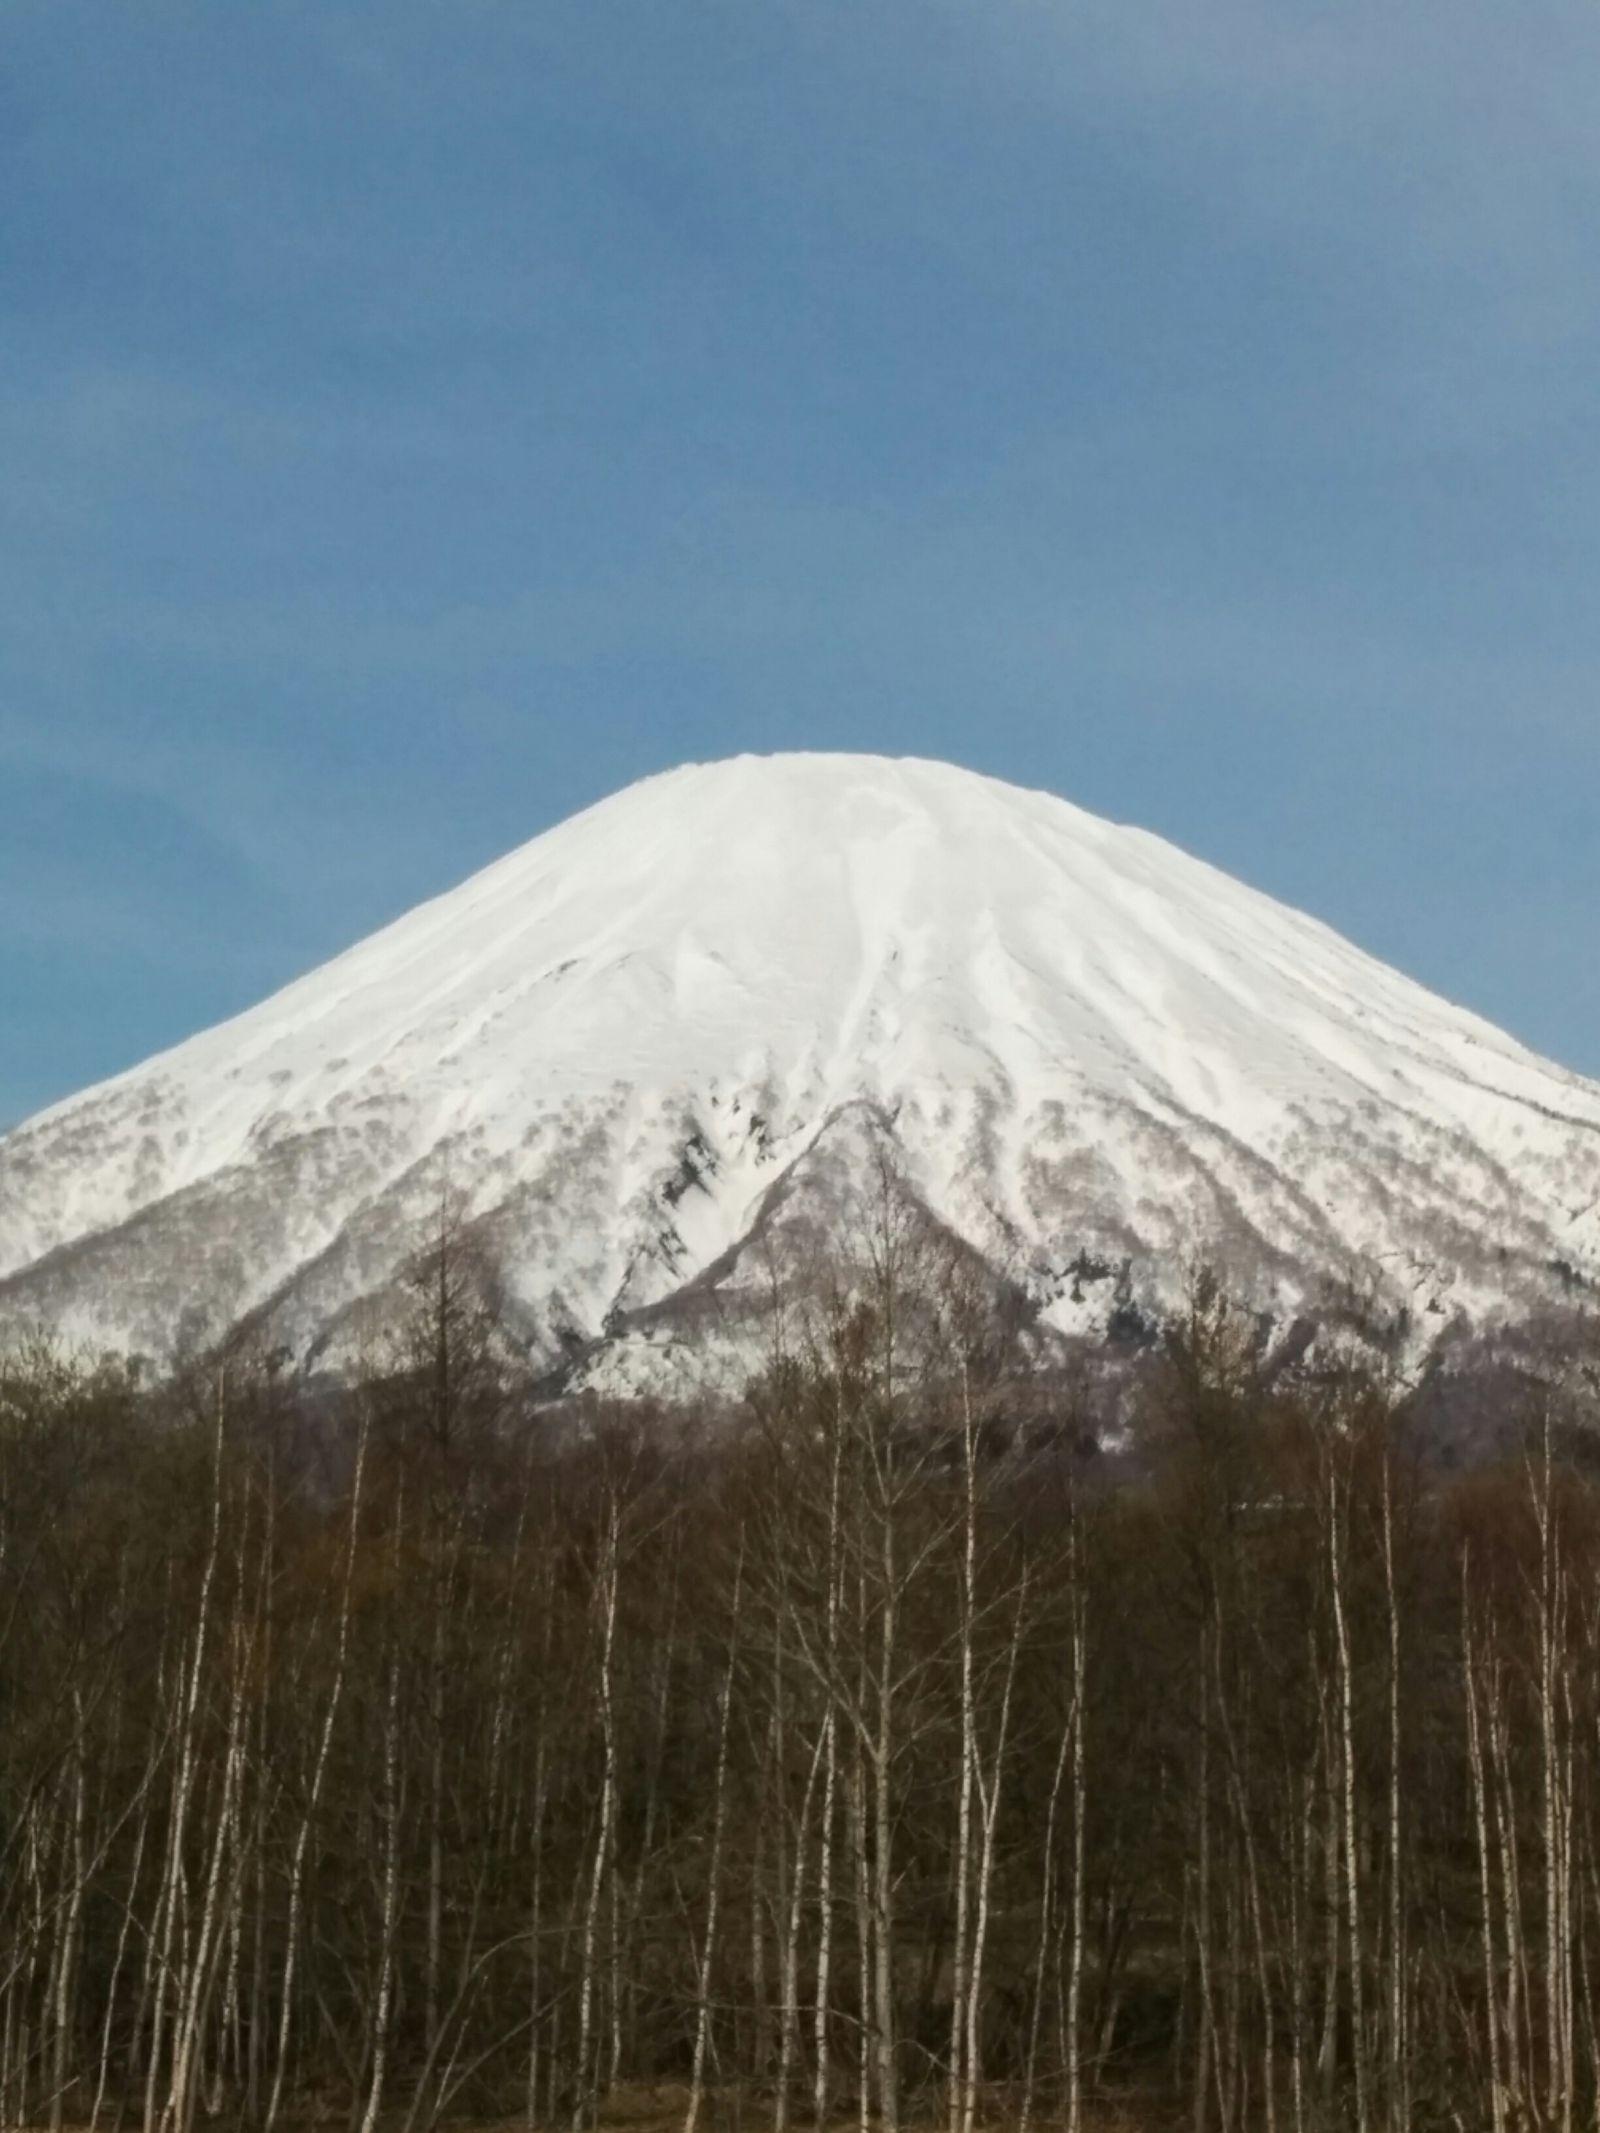 【京極町】羊蹄山写真スポット観光タクシー